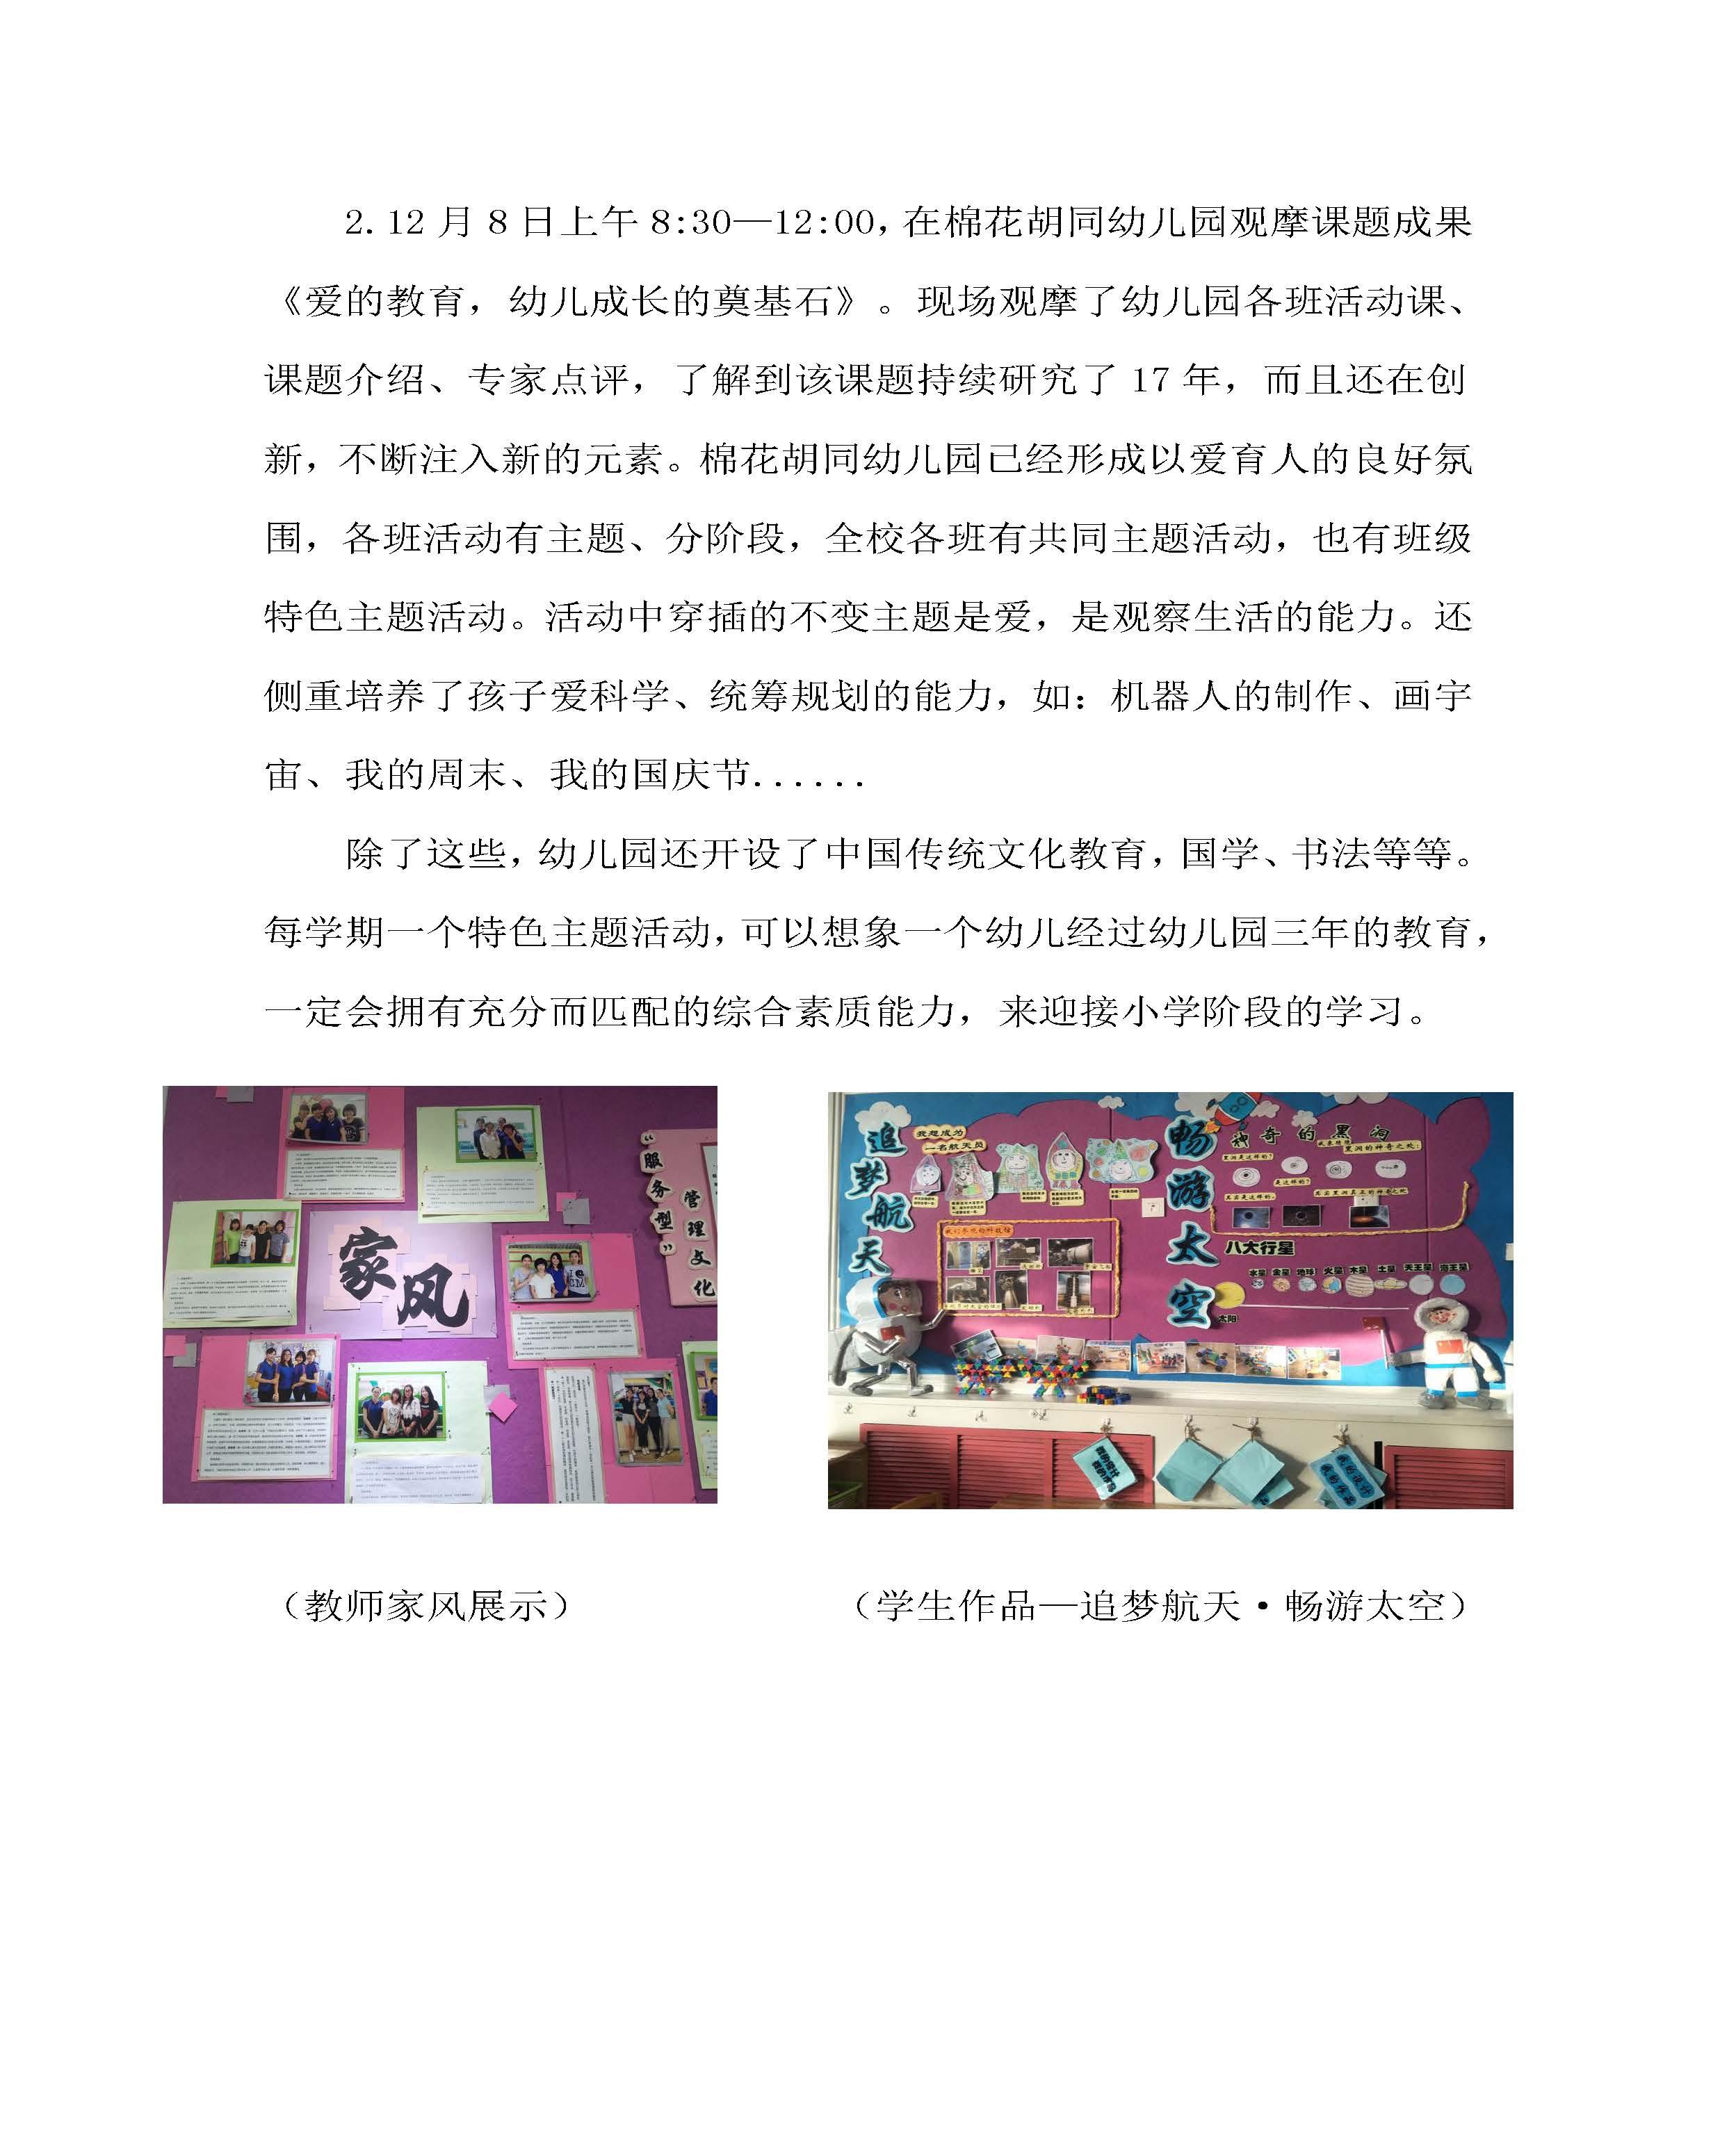 观摩2017北京市西城区科研月活动汇报材料(温俊芳12.12)_页面_3.jpg